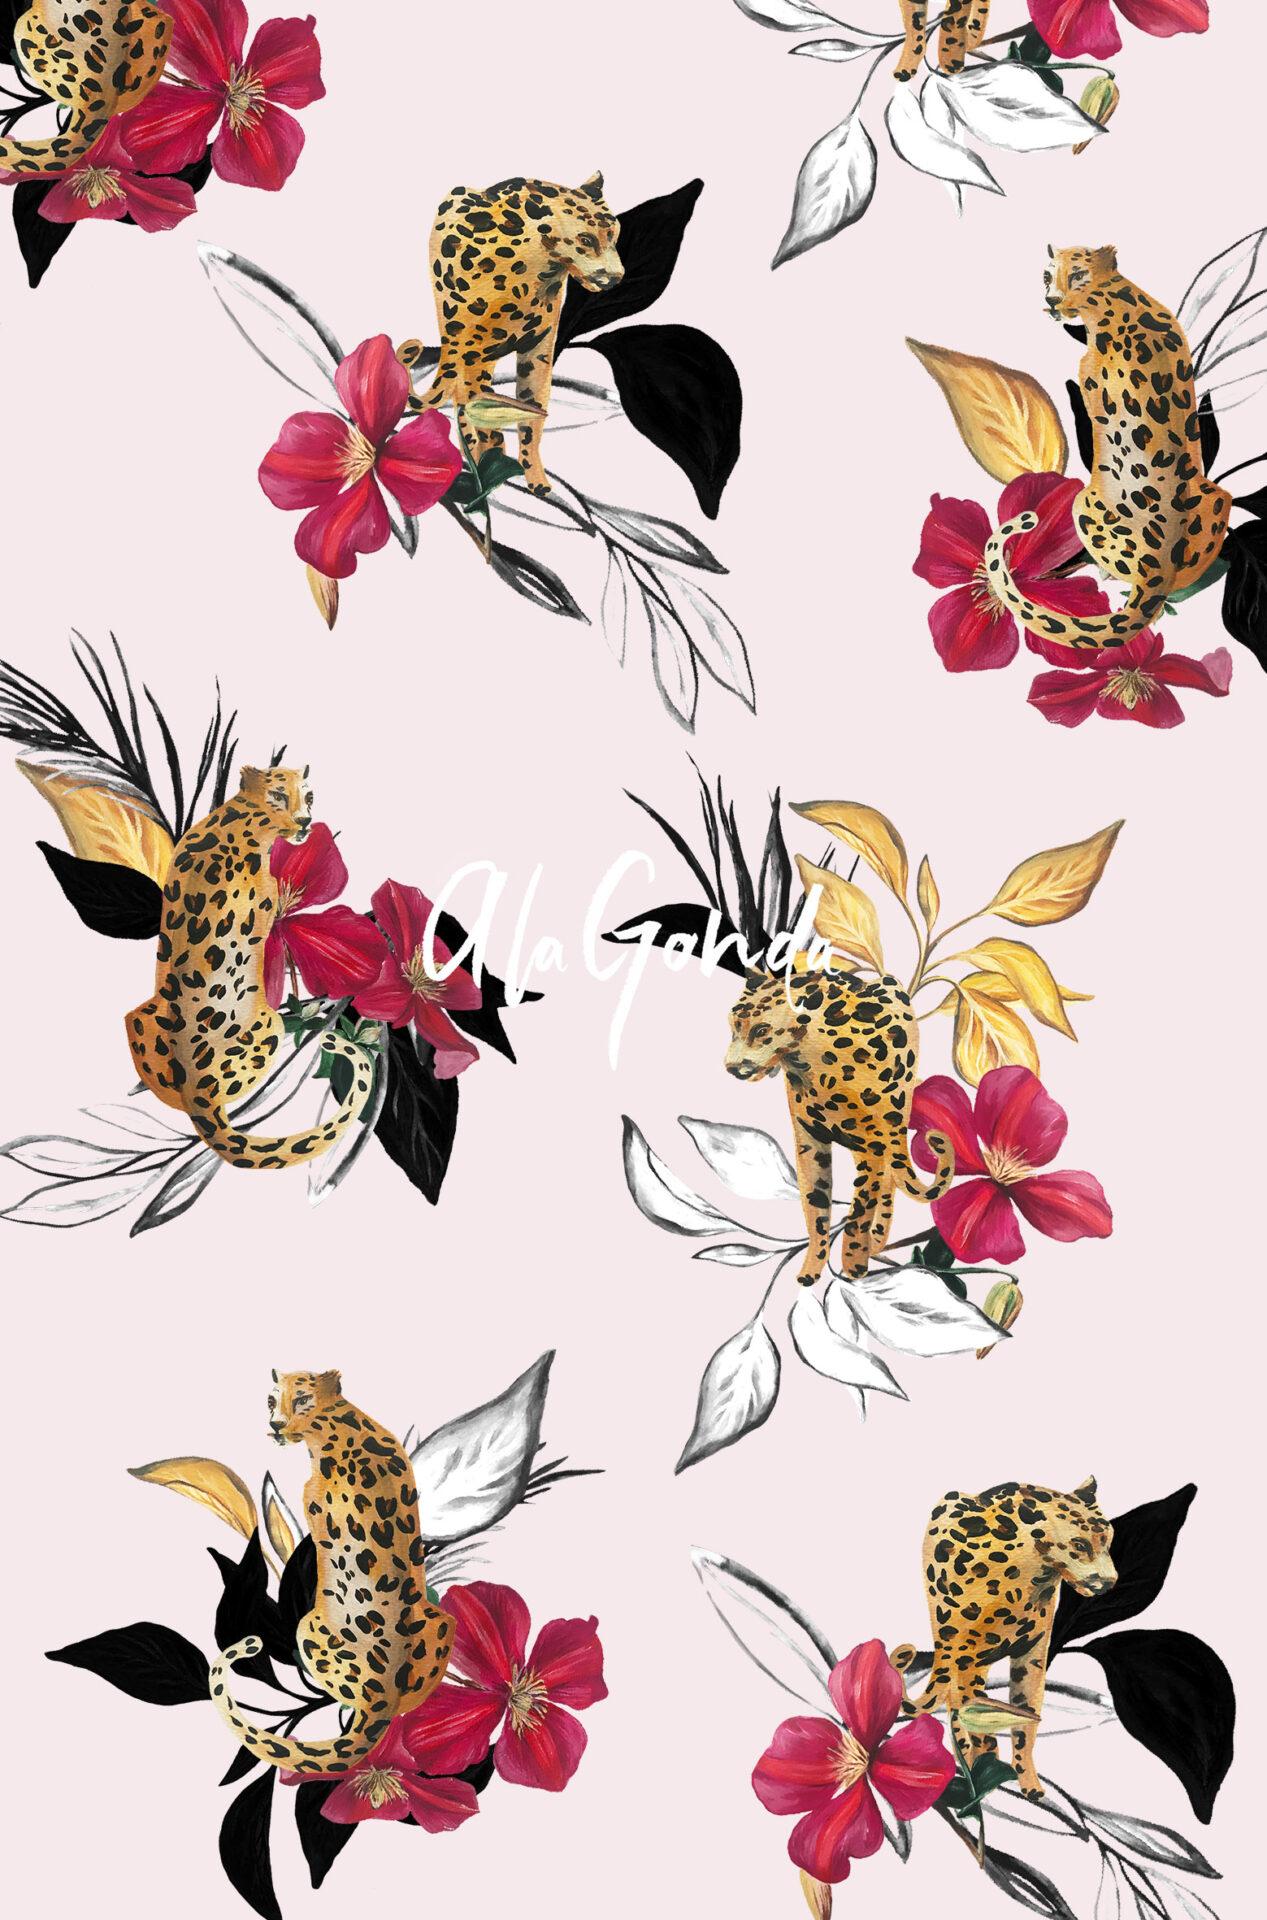 Leopard-Flower - a la Gonda